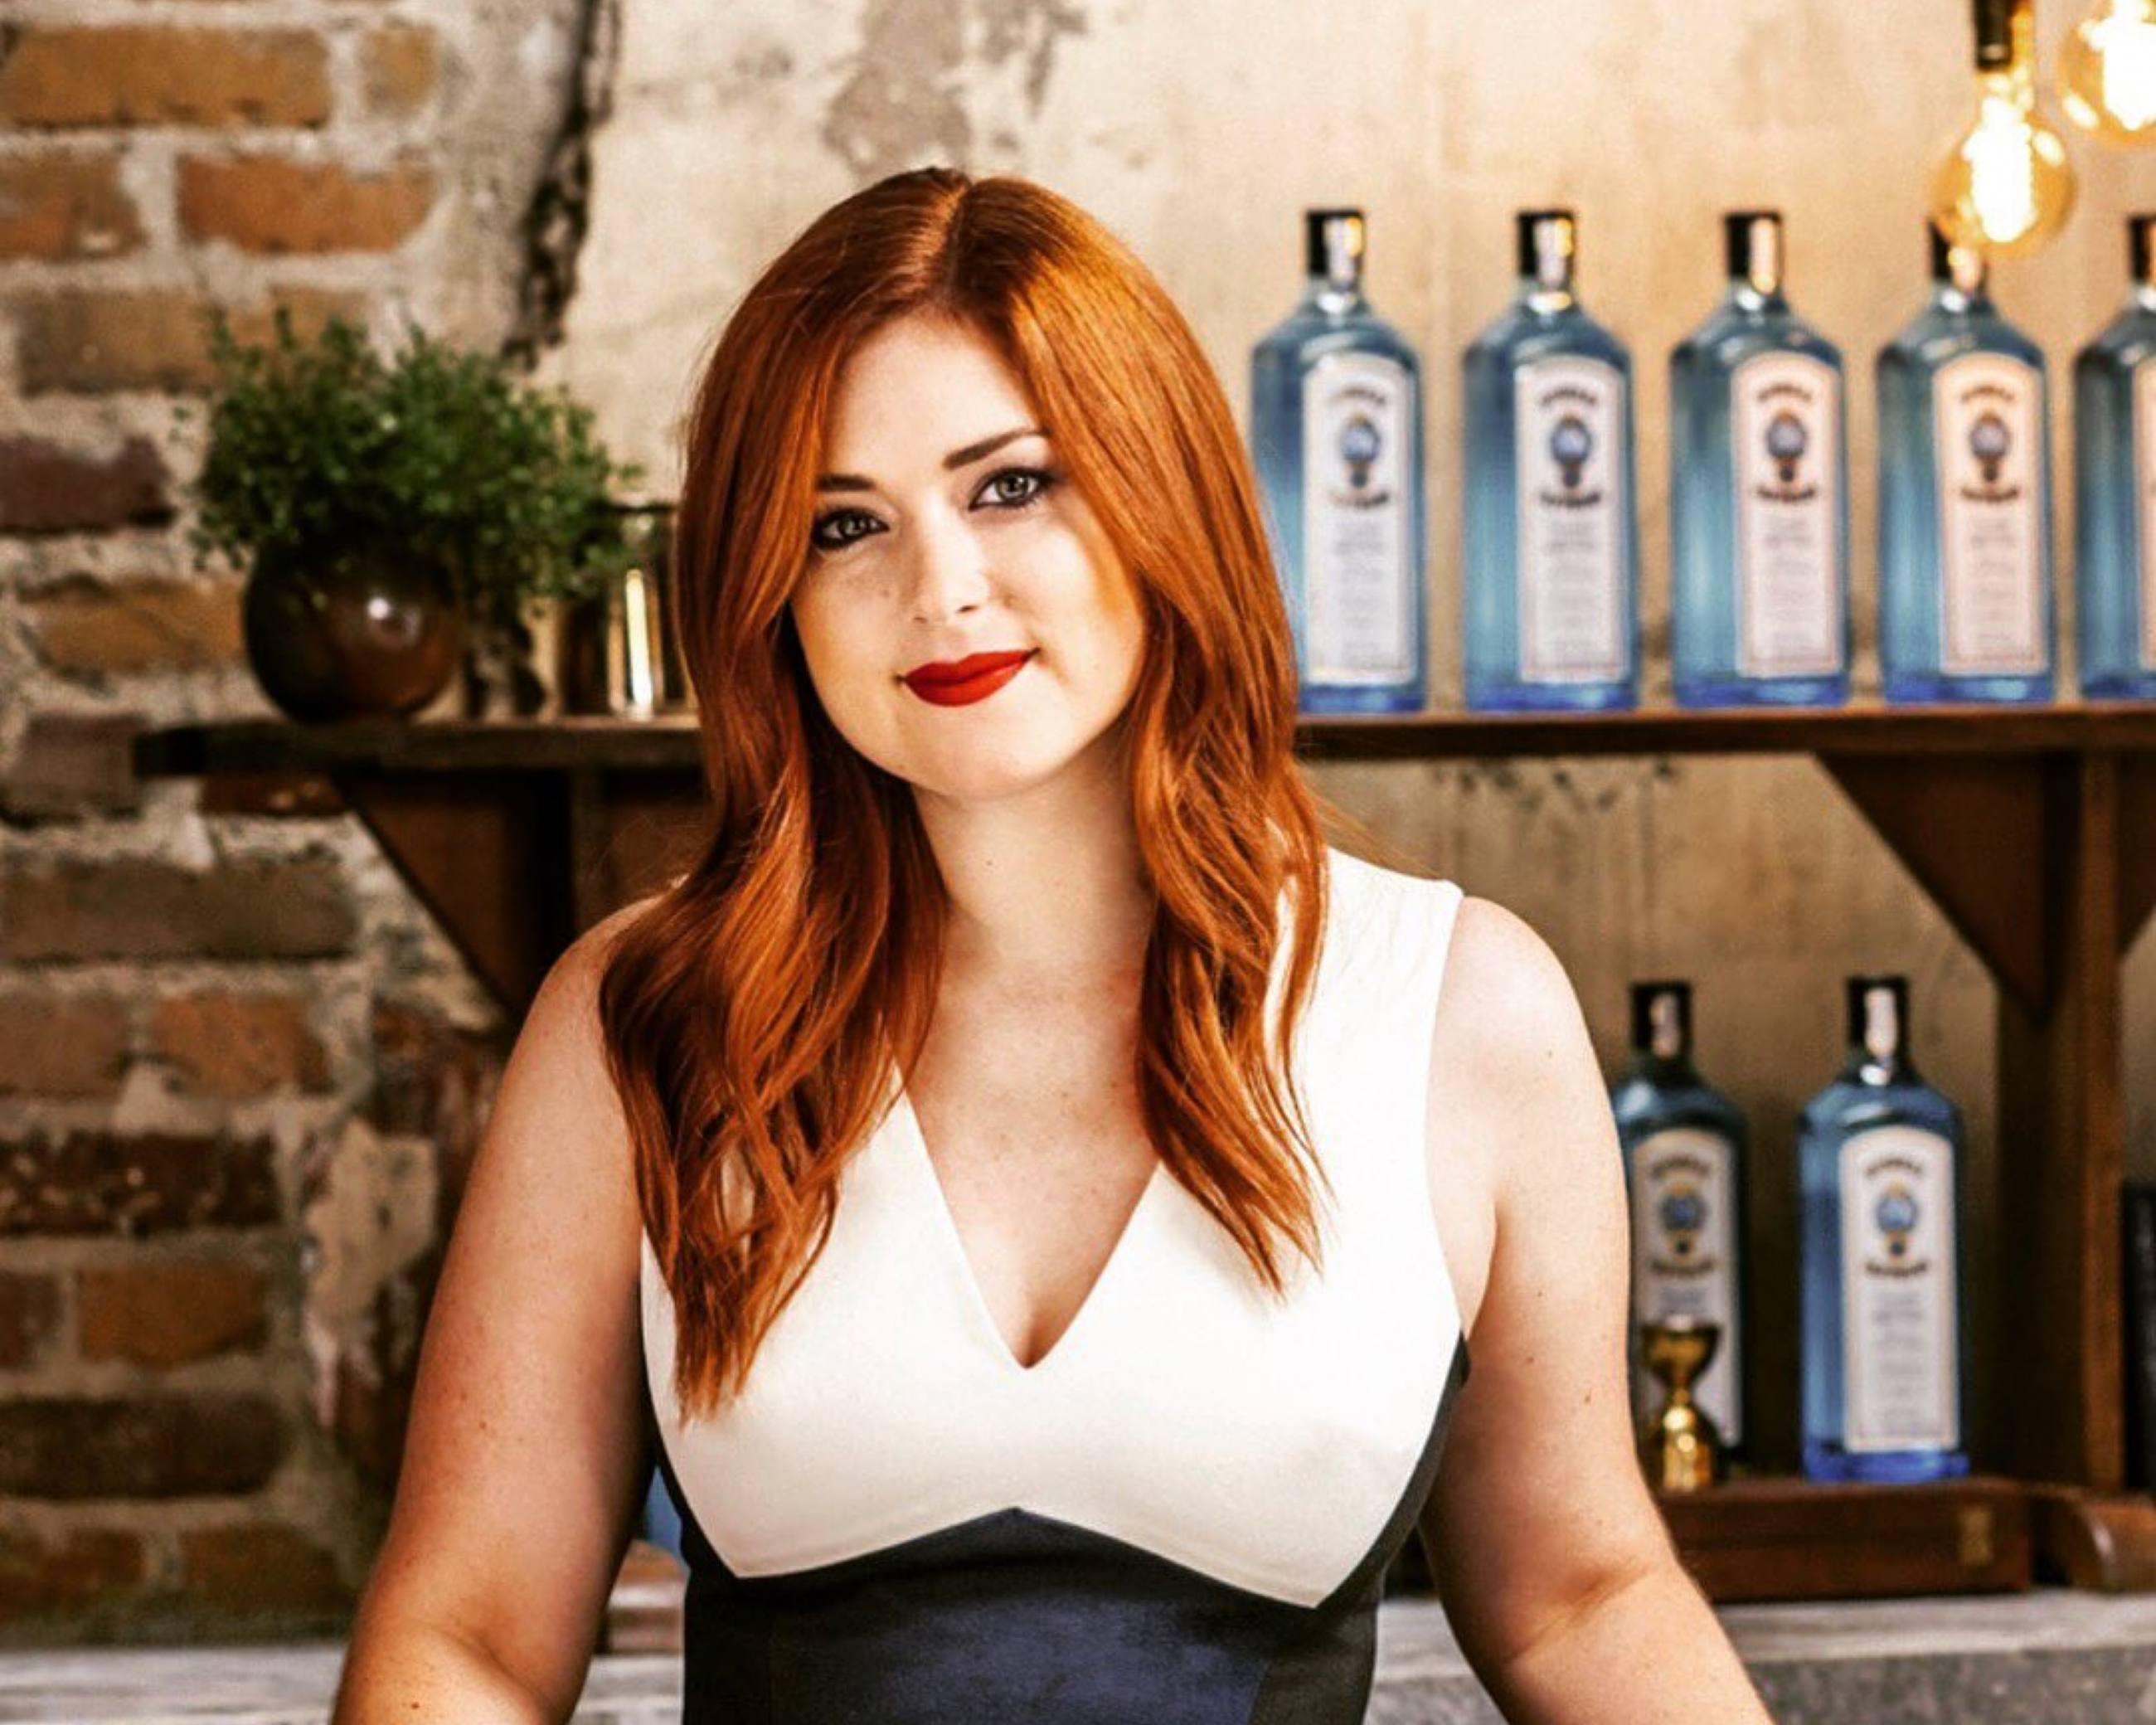 Los Angeles bartender Clare Ward